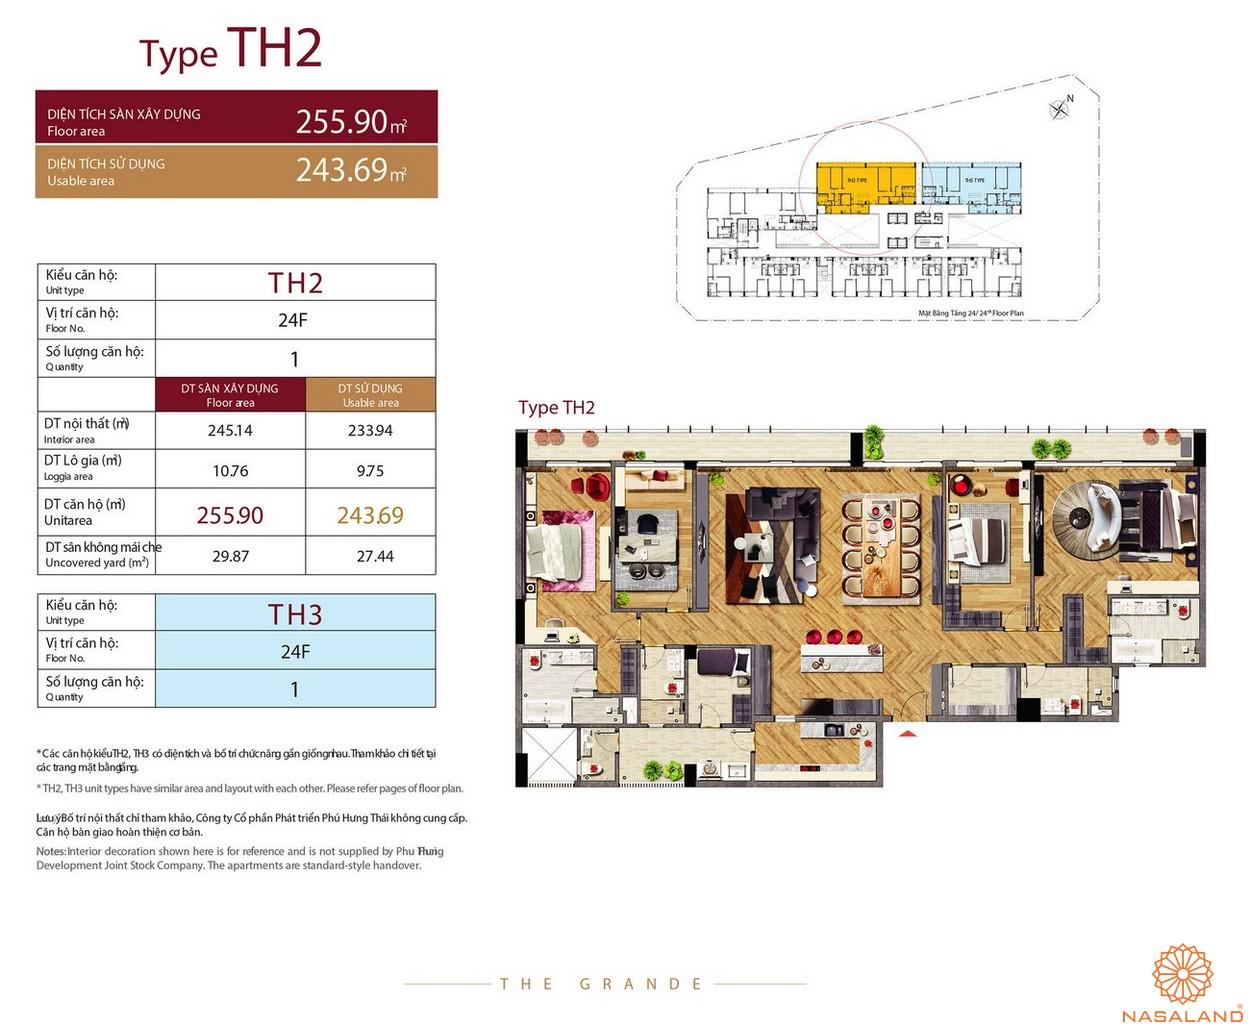 Thiết kế căn hộ Type TH2 dự án The Grande Midtown quận 7